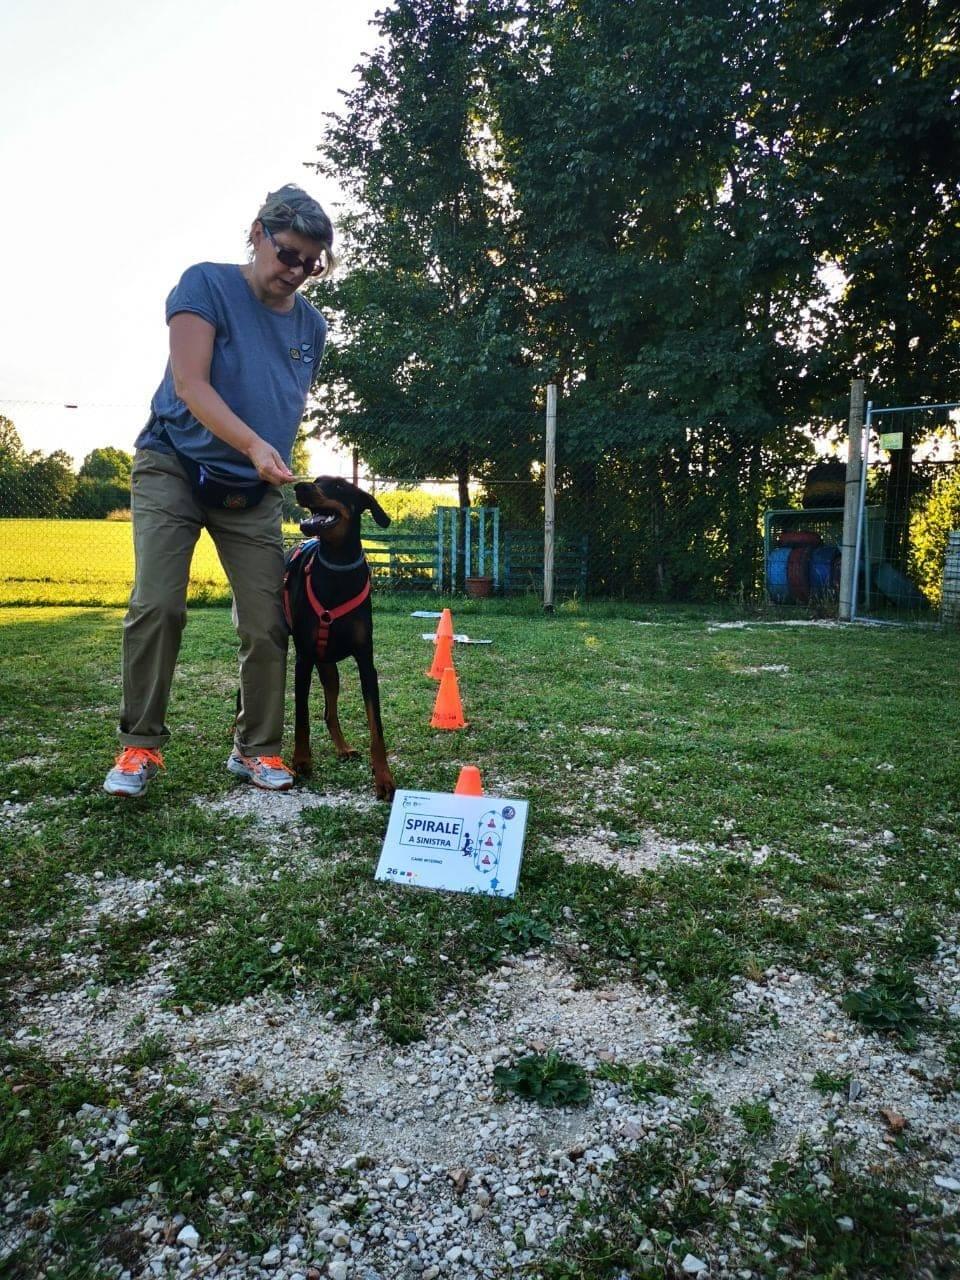 Adottare un cane, consigli utili